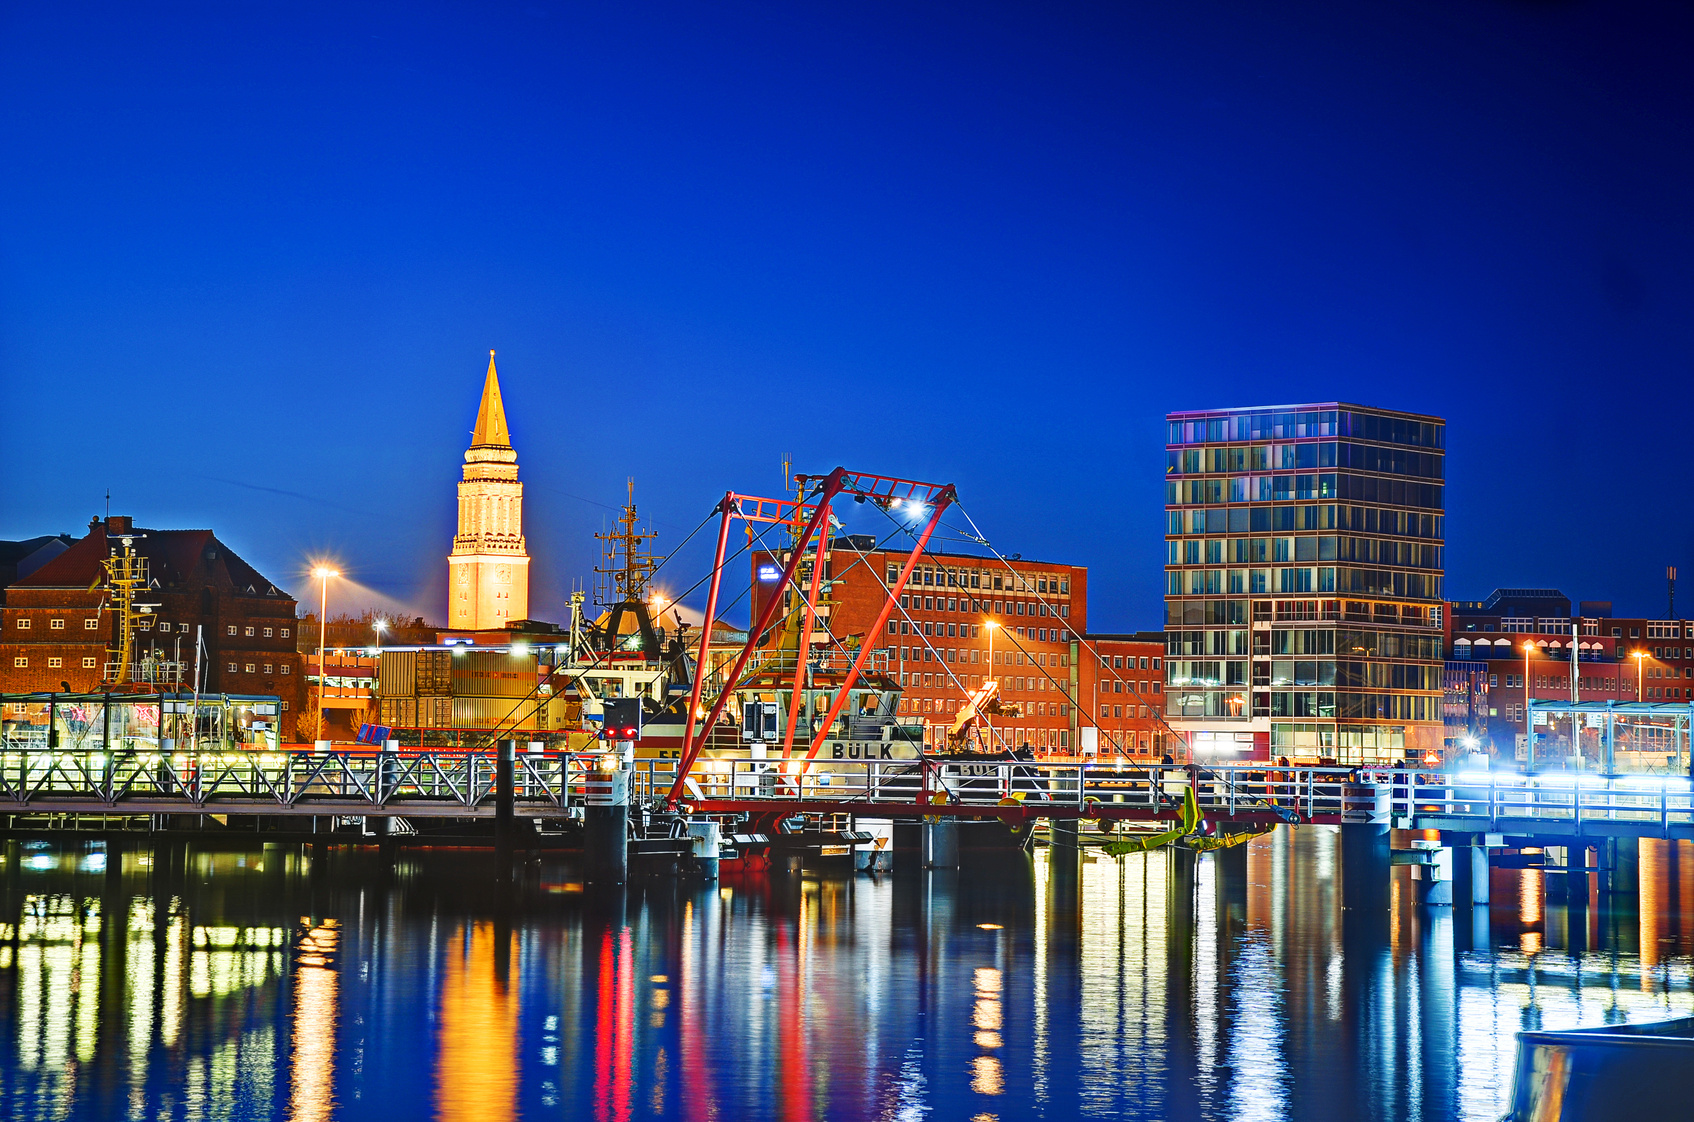 Entrümplung in Kiel und Umland